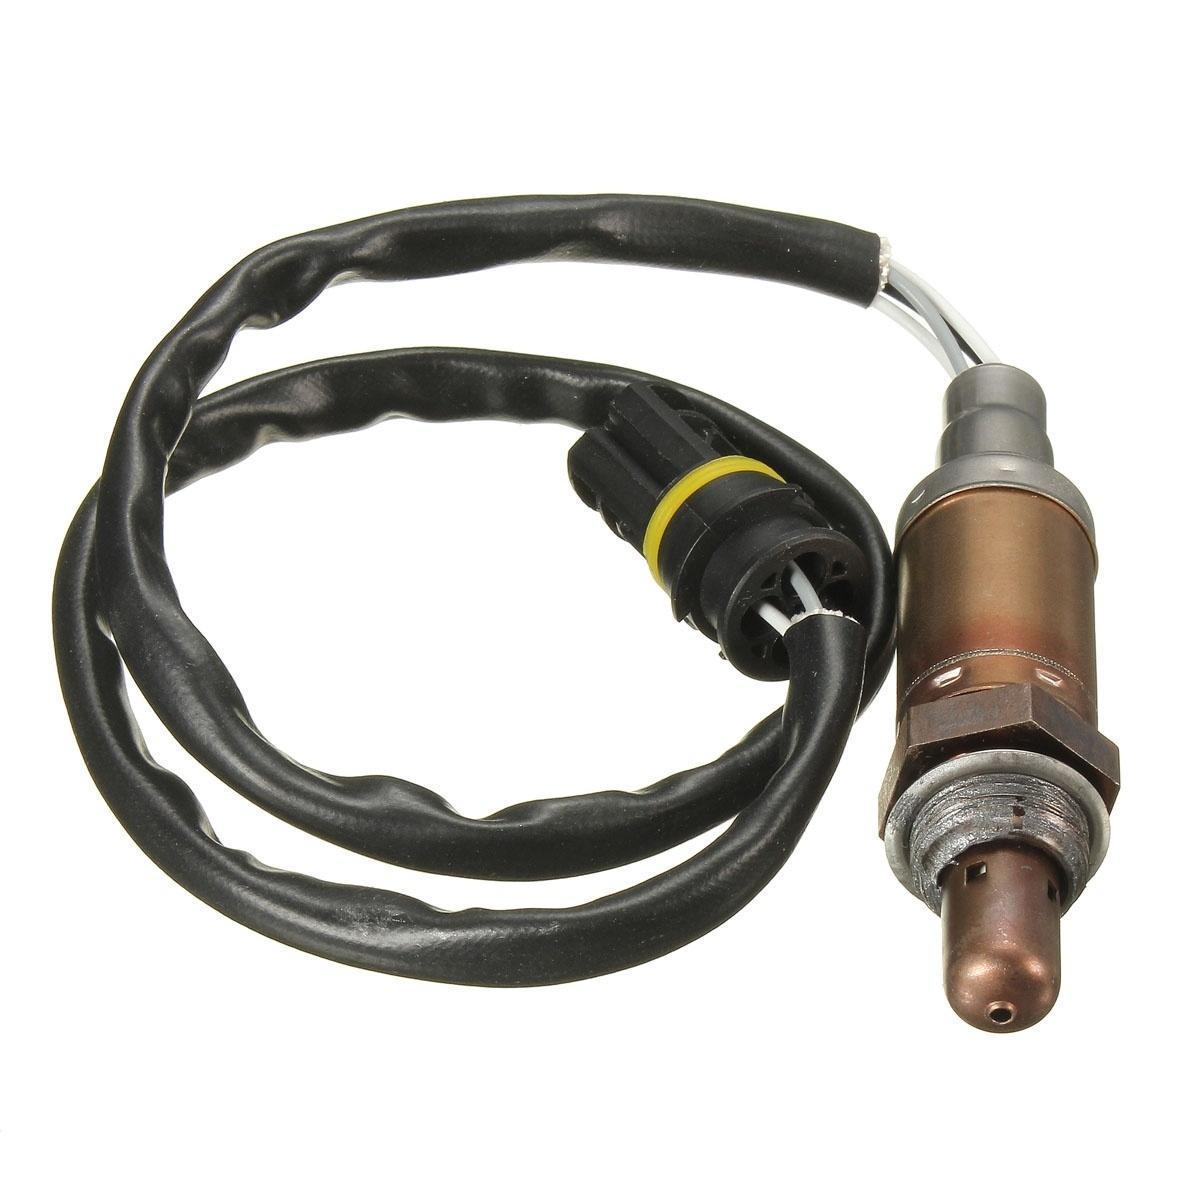 O2 Датчика кислорода набор для BMW 3 серии X3 X5 Z3 Z4 23i 325i 328i330i 11781742050 oxygen sensor lambda for bmw 3 5 7 8 series x3 x5 z3 z4 z8